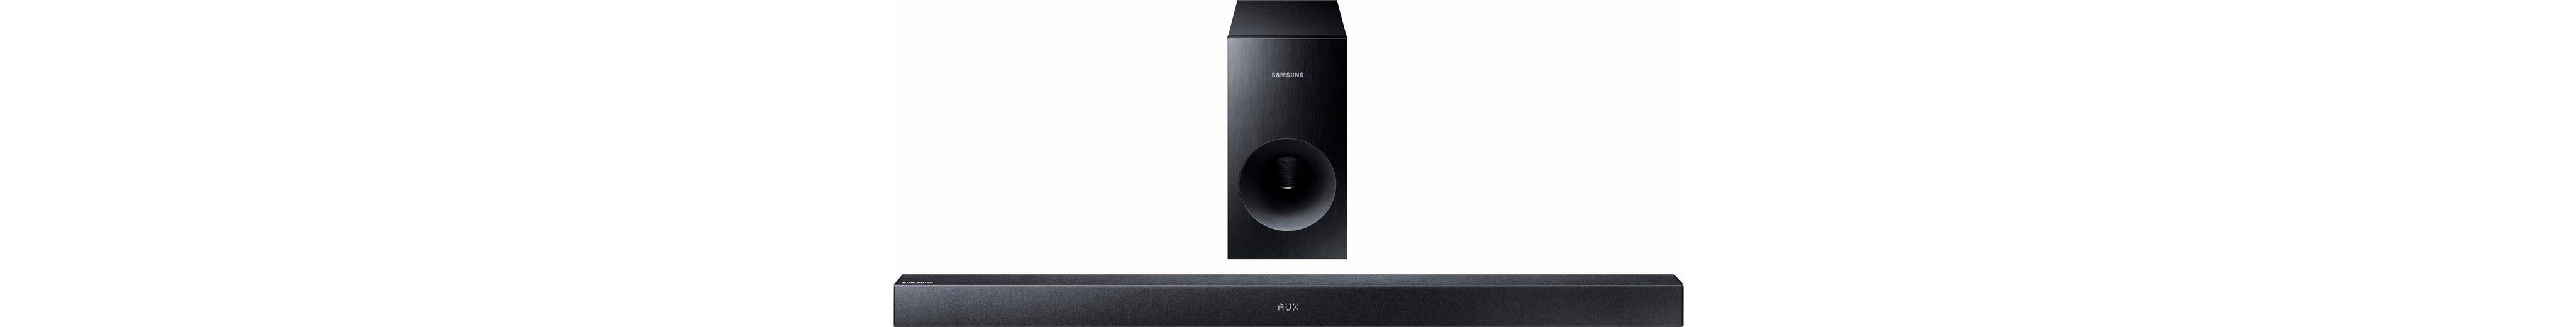 Samsung HW-K360 Soundbar (Hi-Res, Bluetooth)